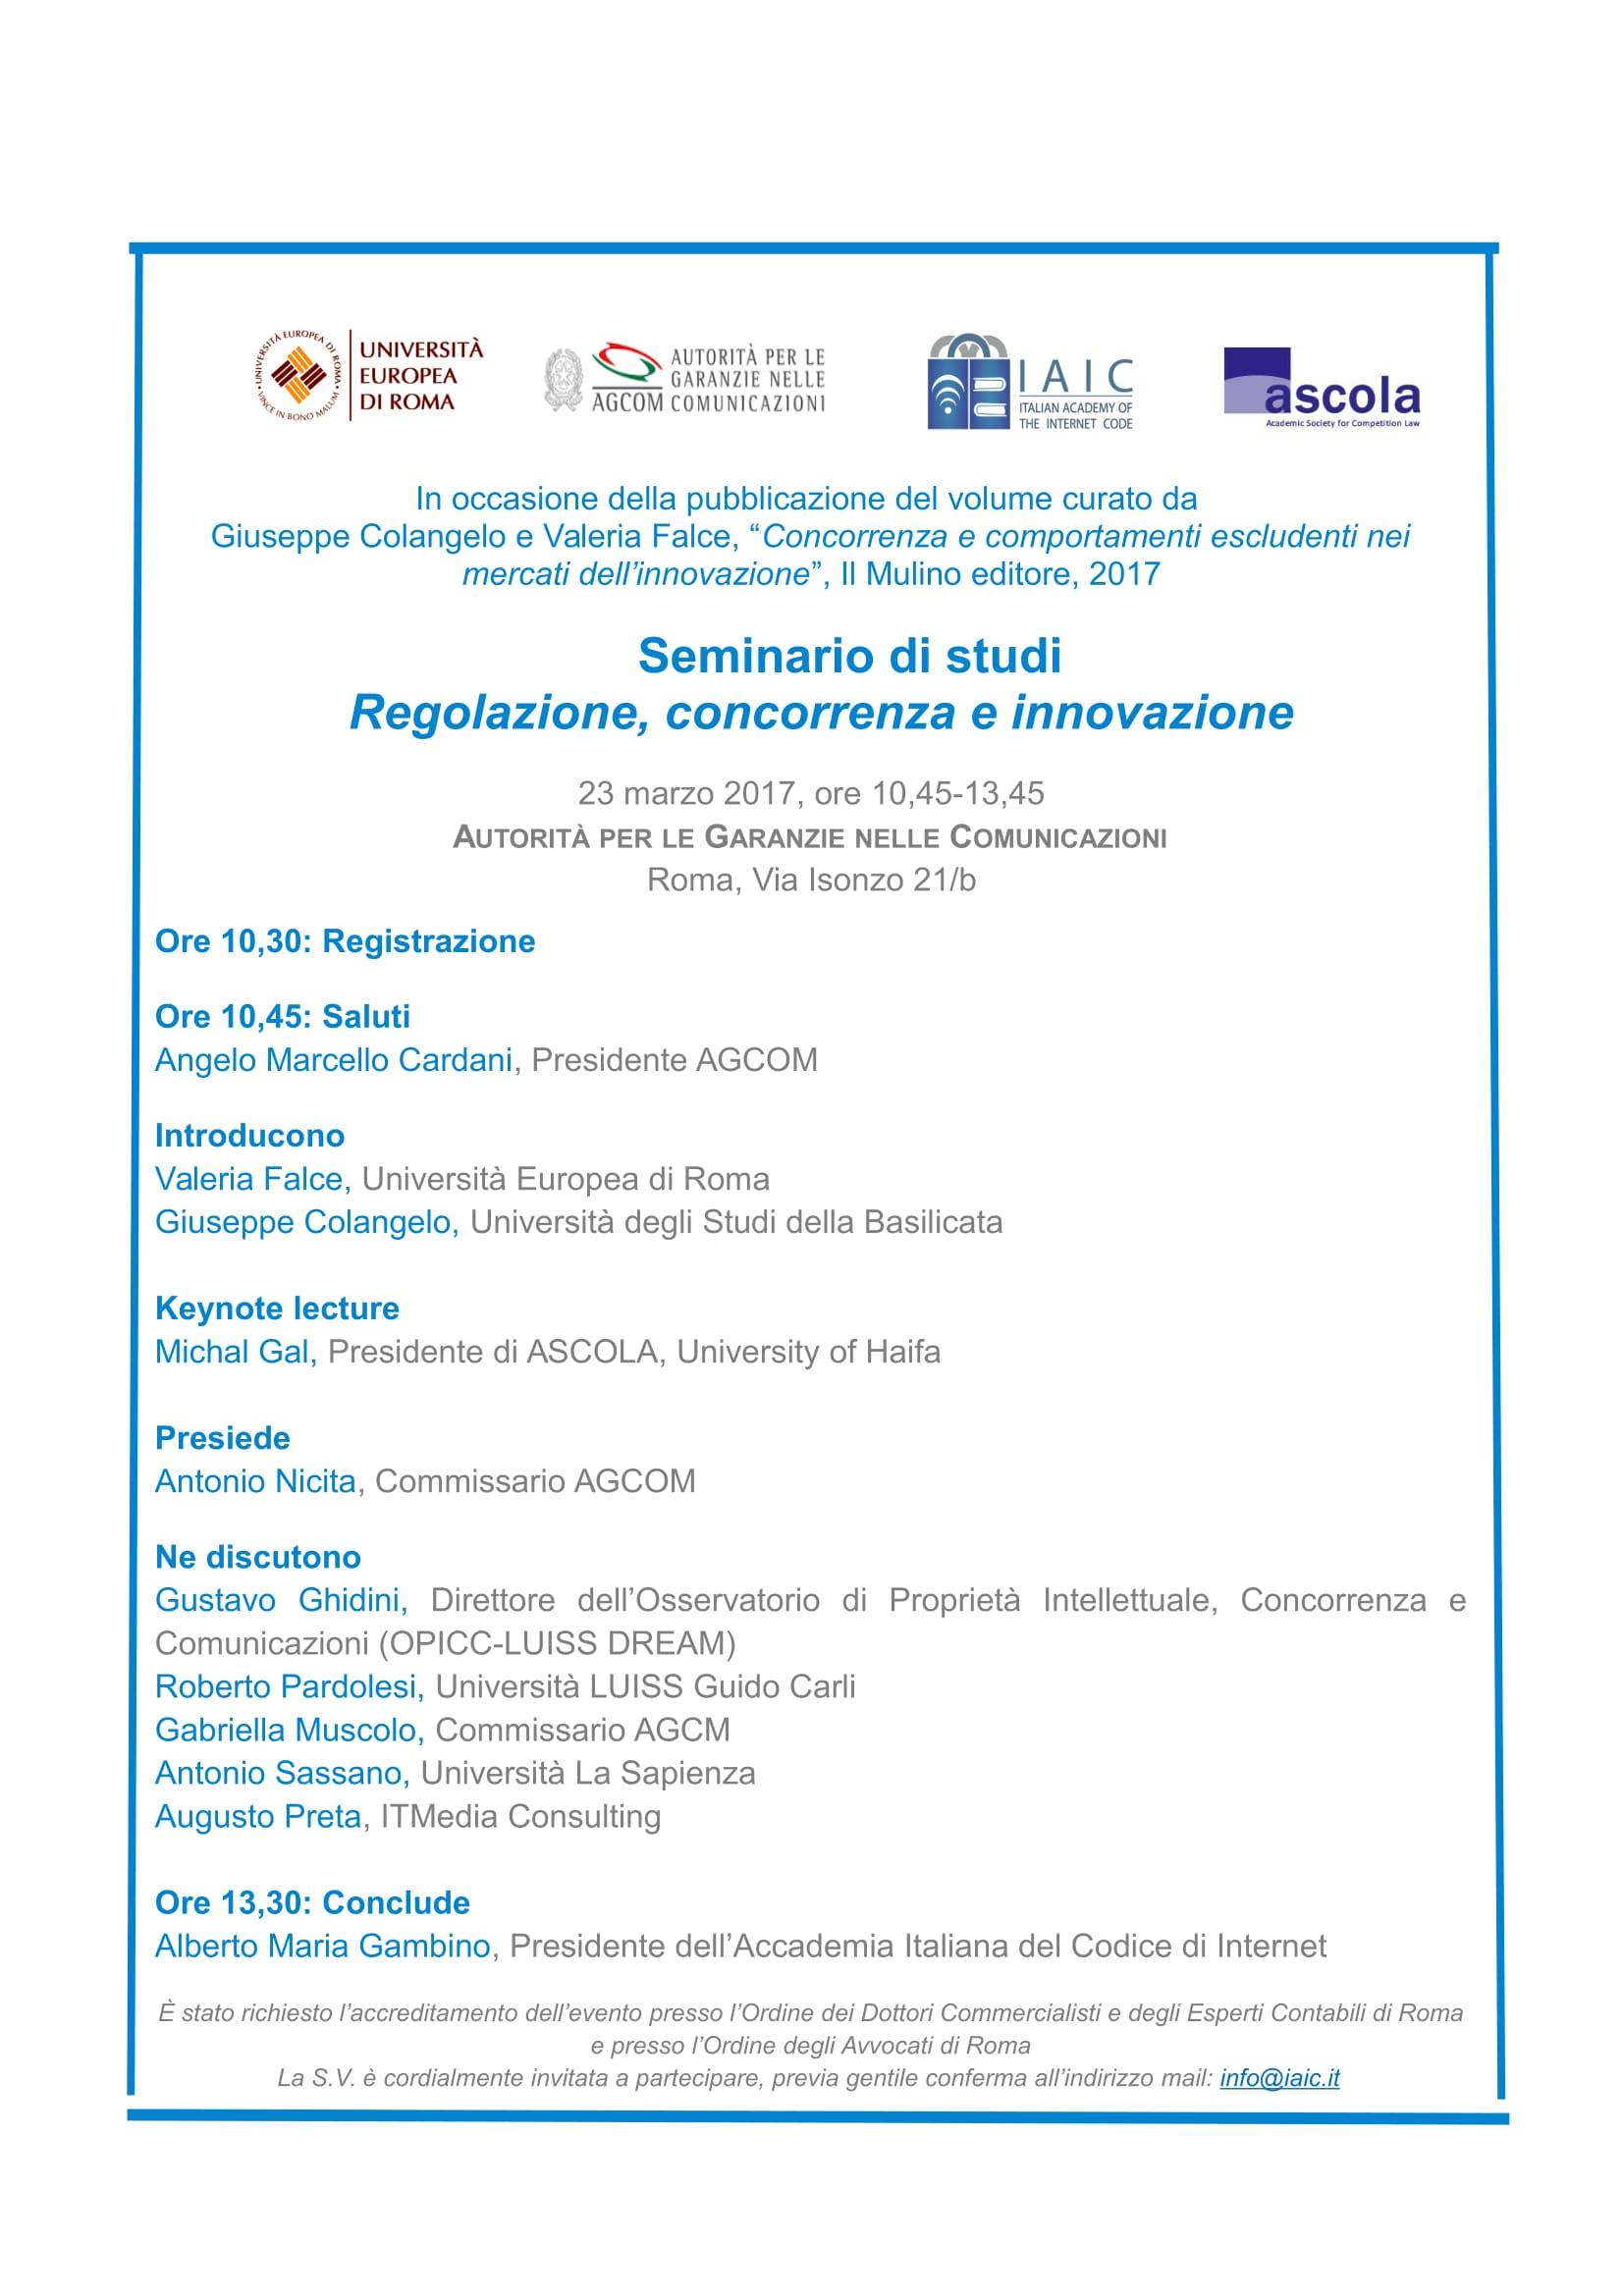 seminario-studi-regolazione-concorrenza-e-innovazione_23-marzo-2017_agcom1-1